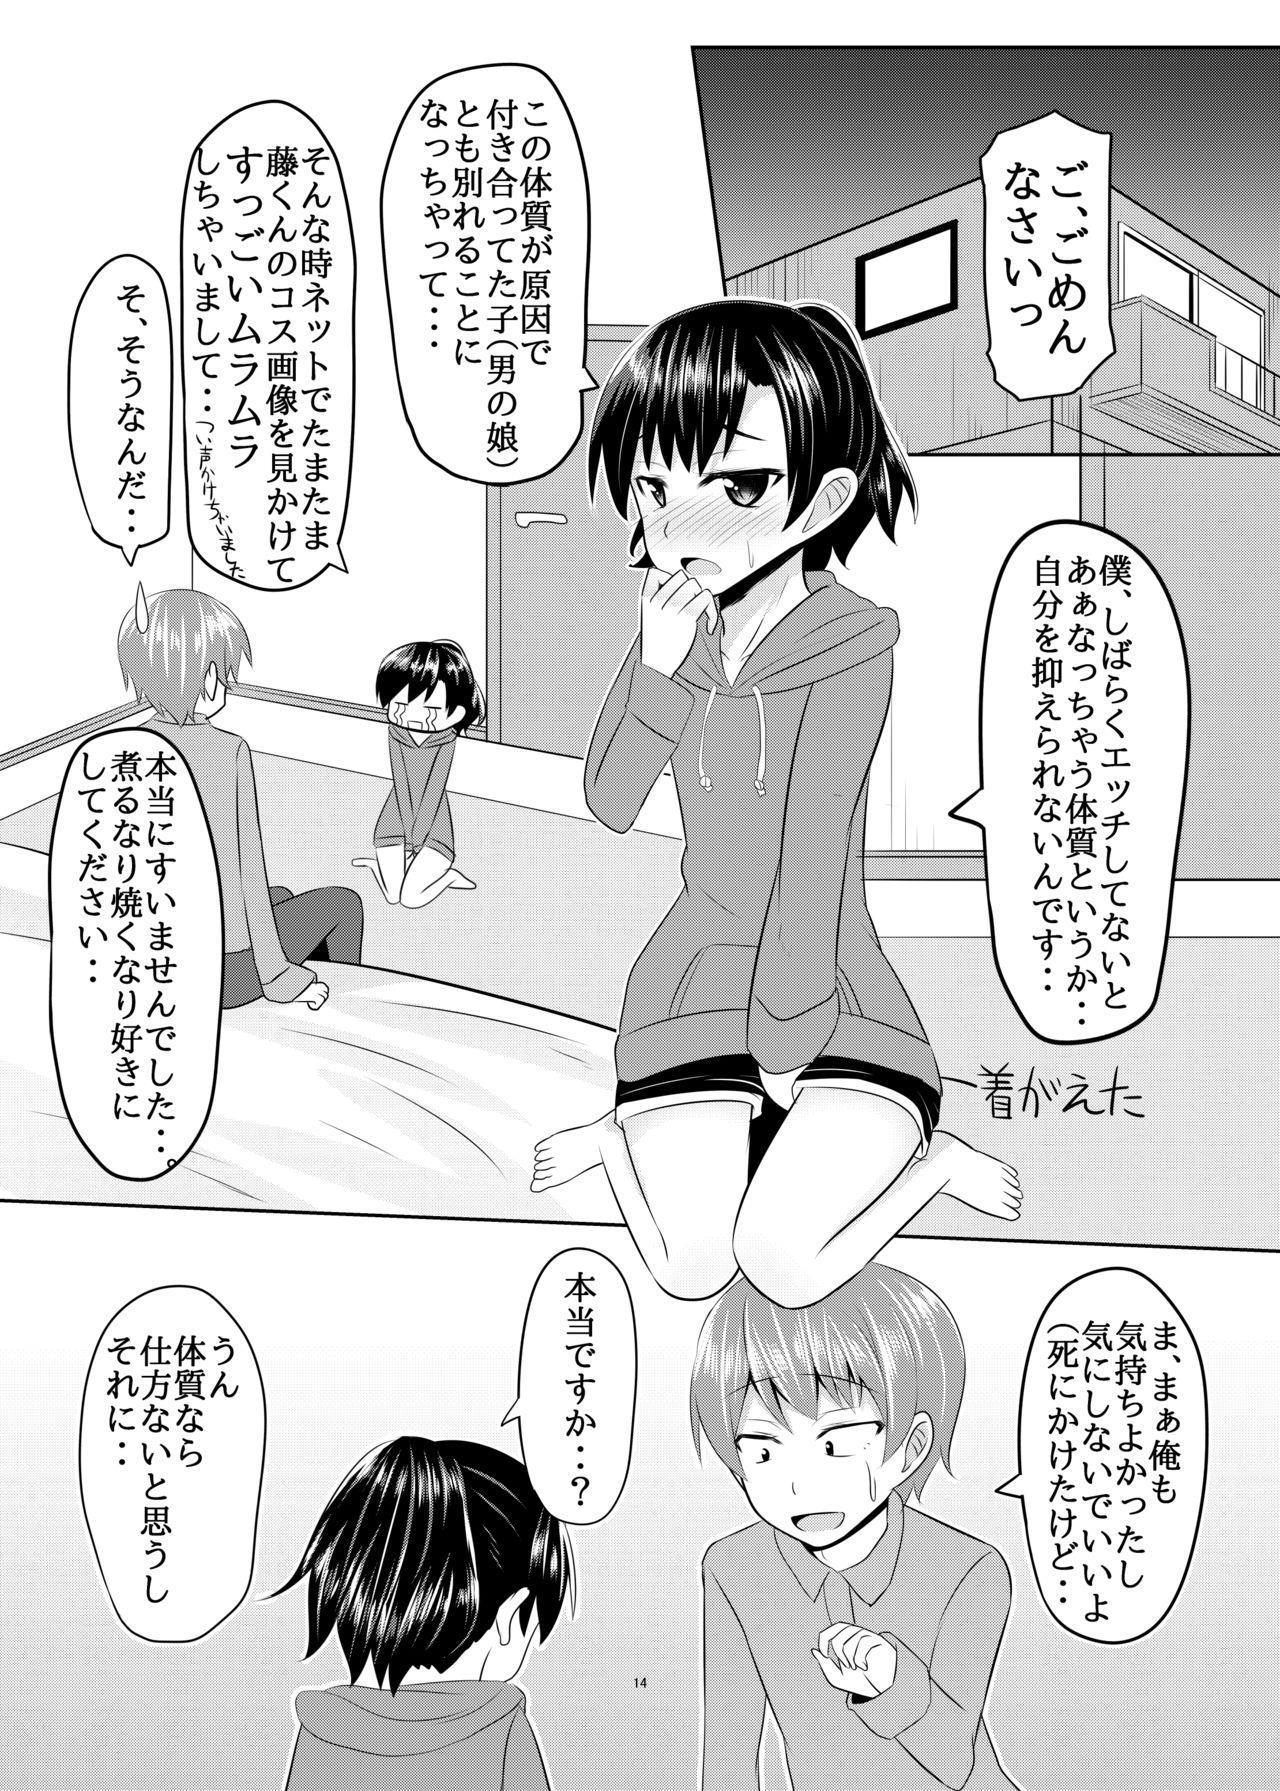 Seiyoku no Sugoi Otokonoko to Tsukiau Koto ni Natta Kekka w 12